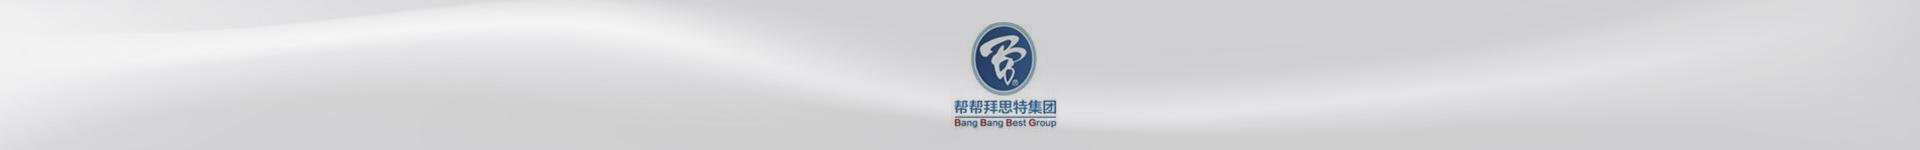 浙江帮帮环境科技集团有限公司